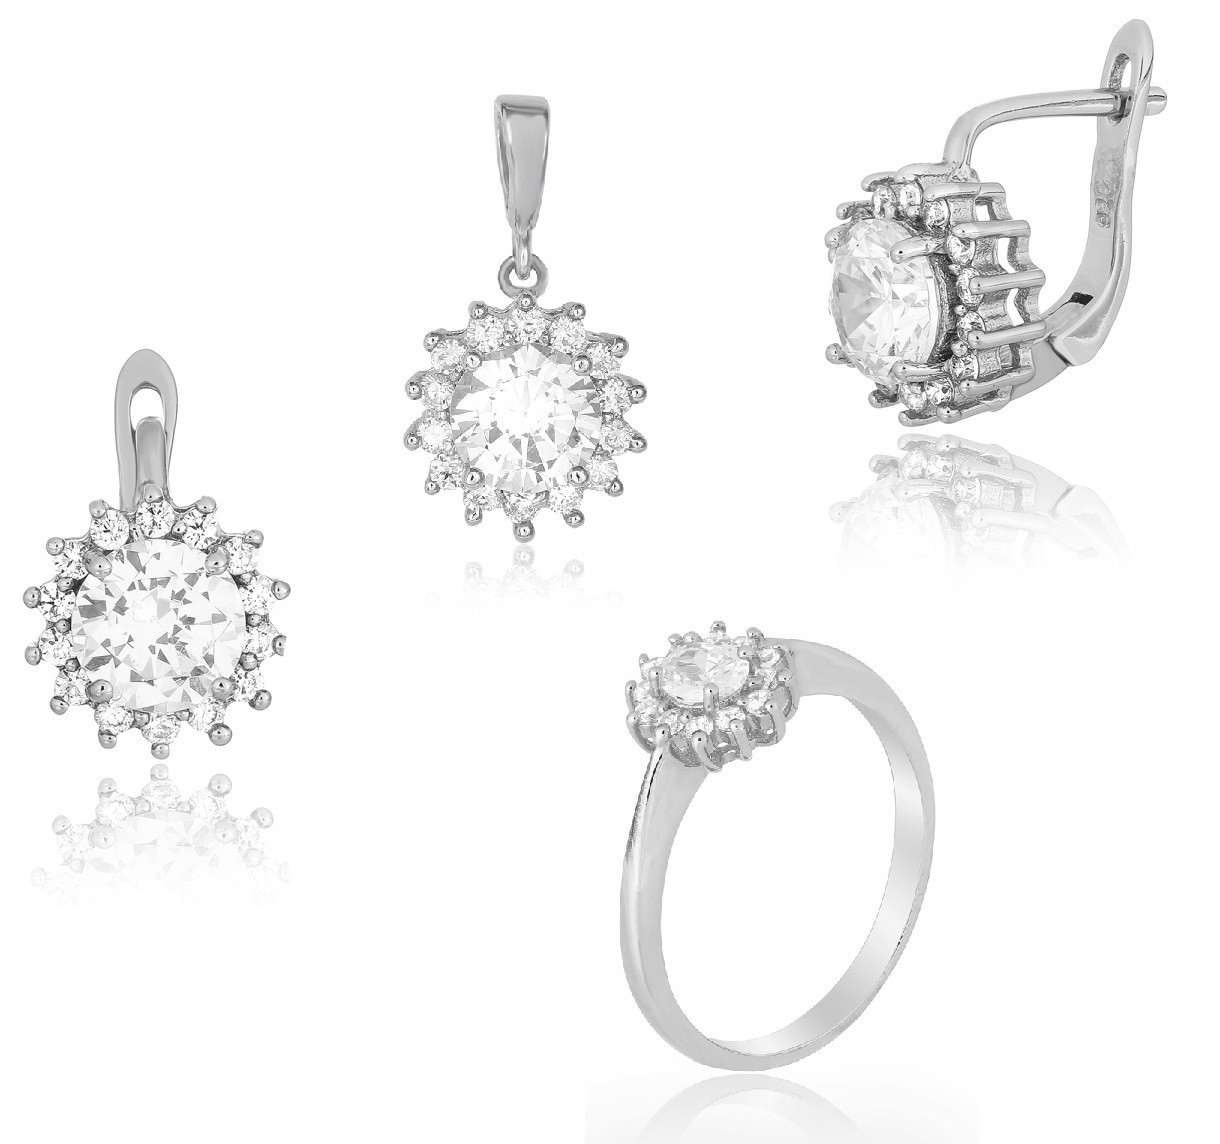 104e62b987e5 Серебряный набор кольцо, серьги и подвес